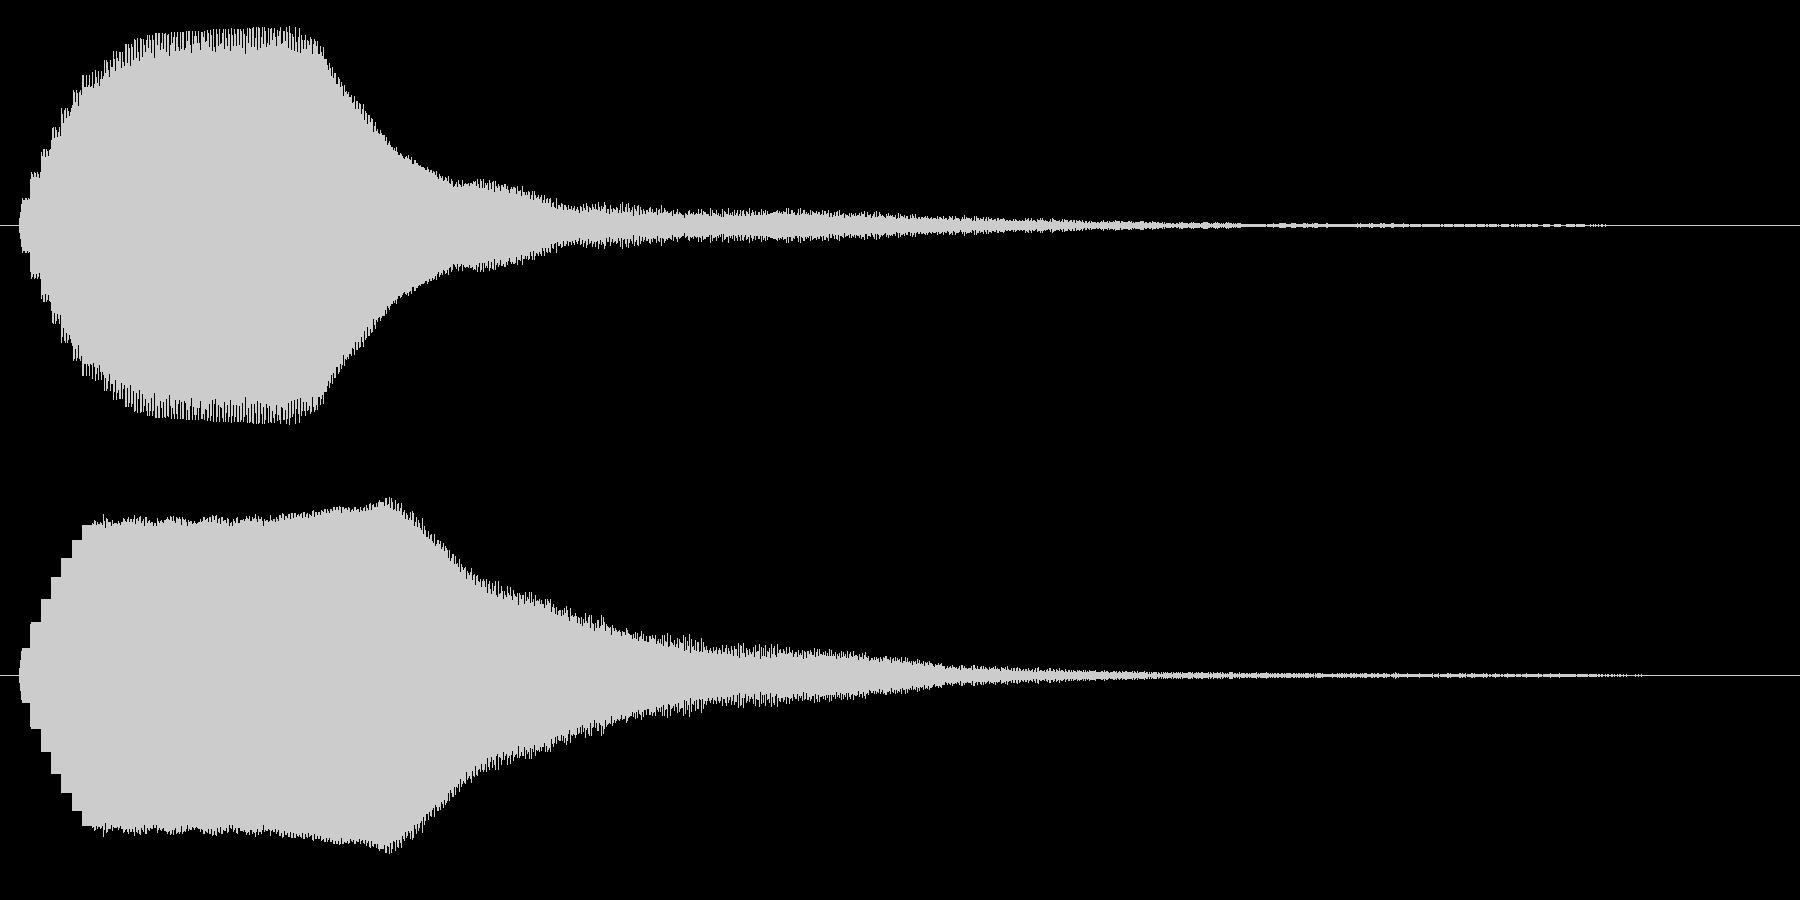 キーンという短い金属音の未再生の波形